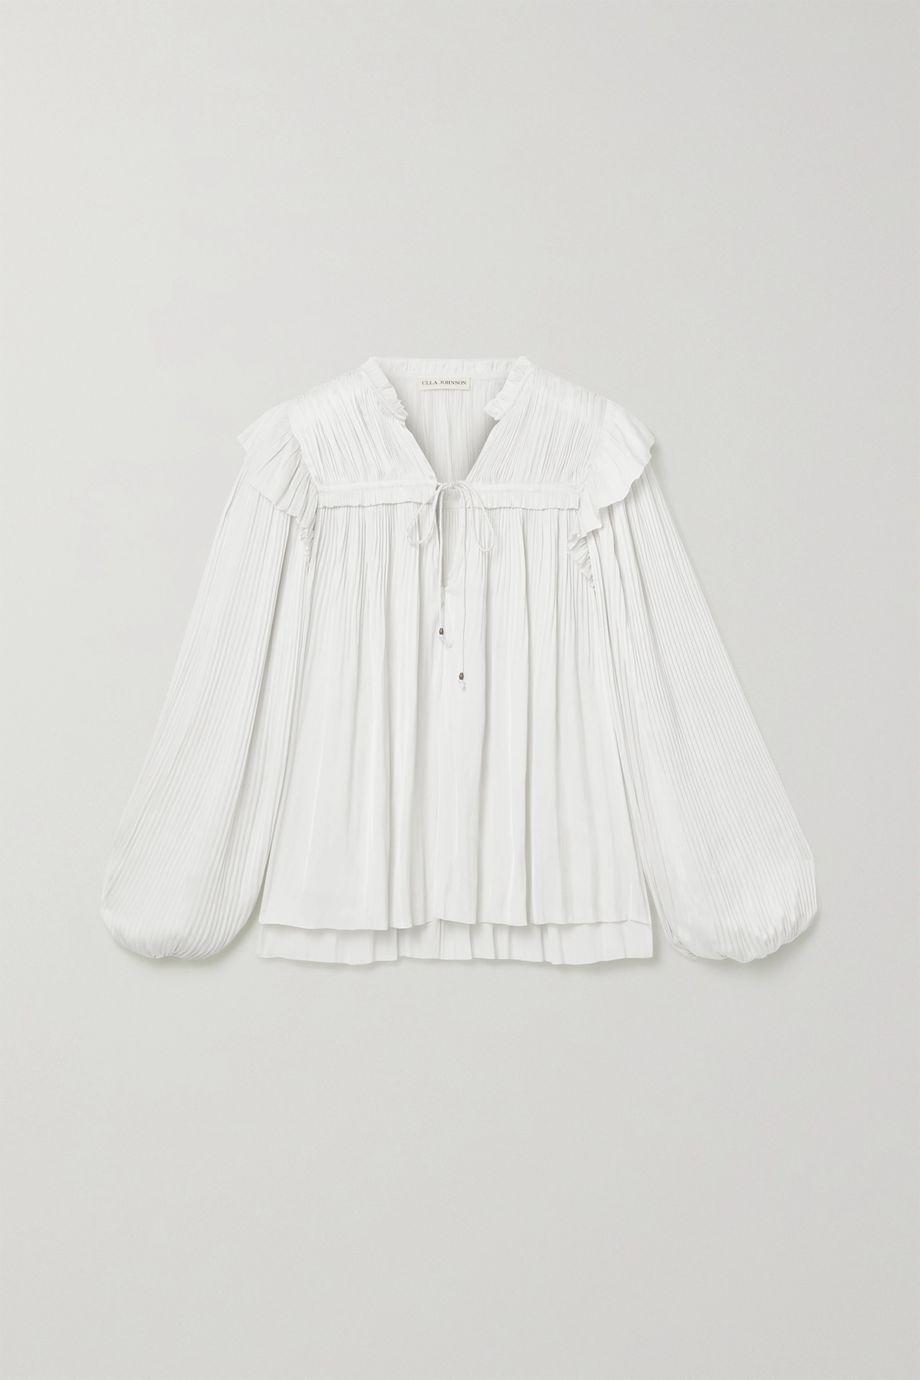 Ulla Johnson Emilda ruffled pleated satin blouse